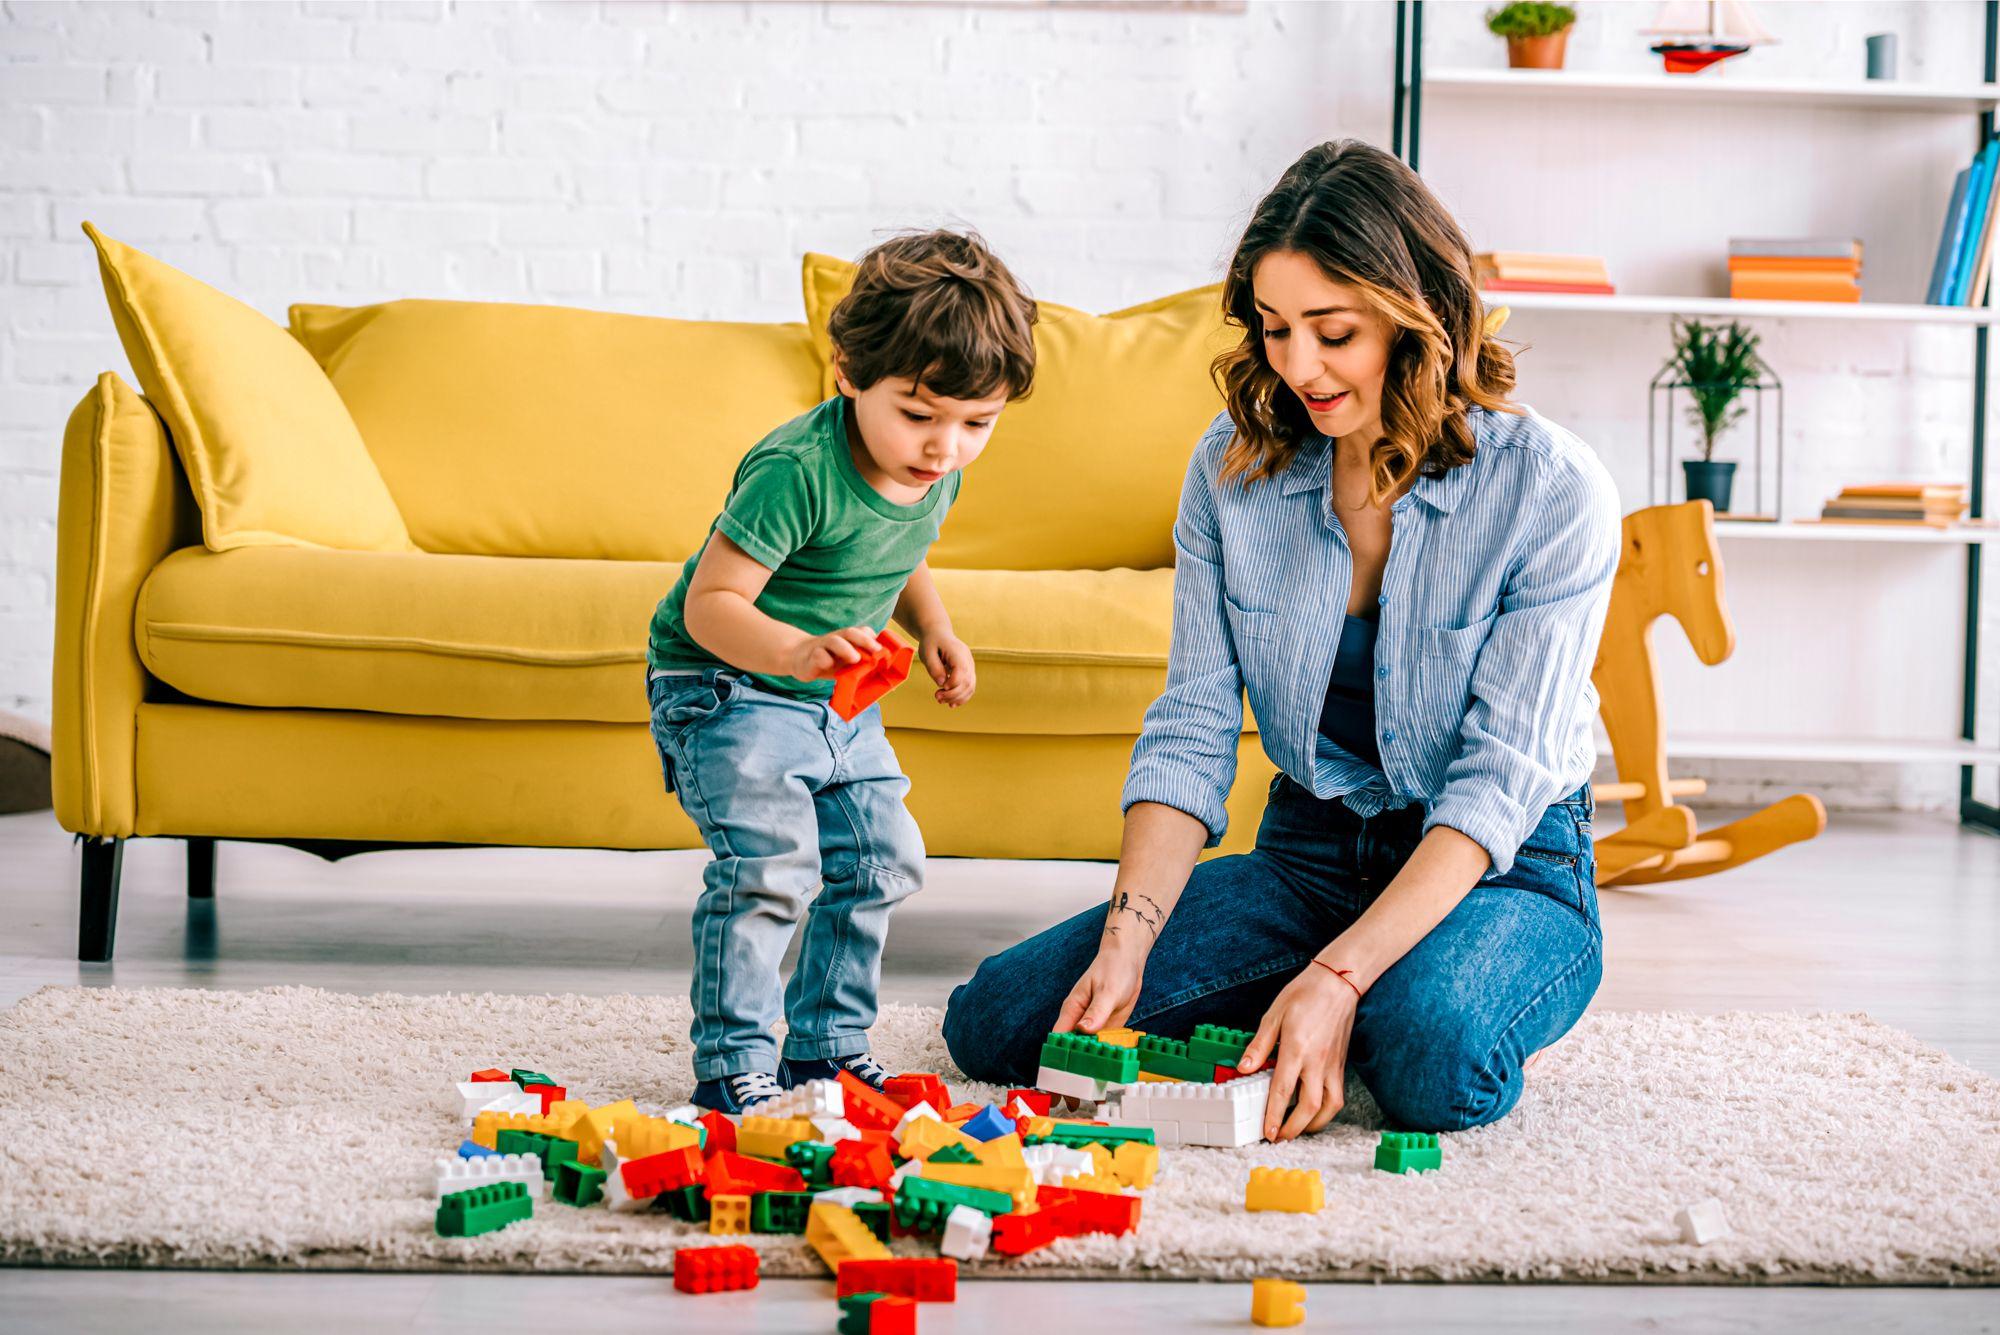 Educational Indoor Activities Kid Lego Set